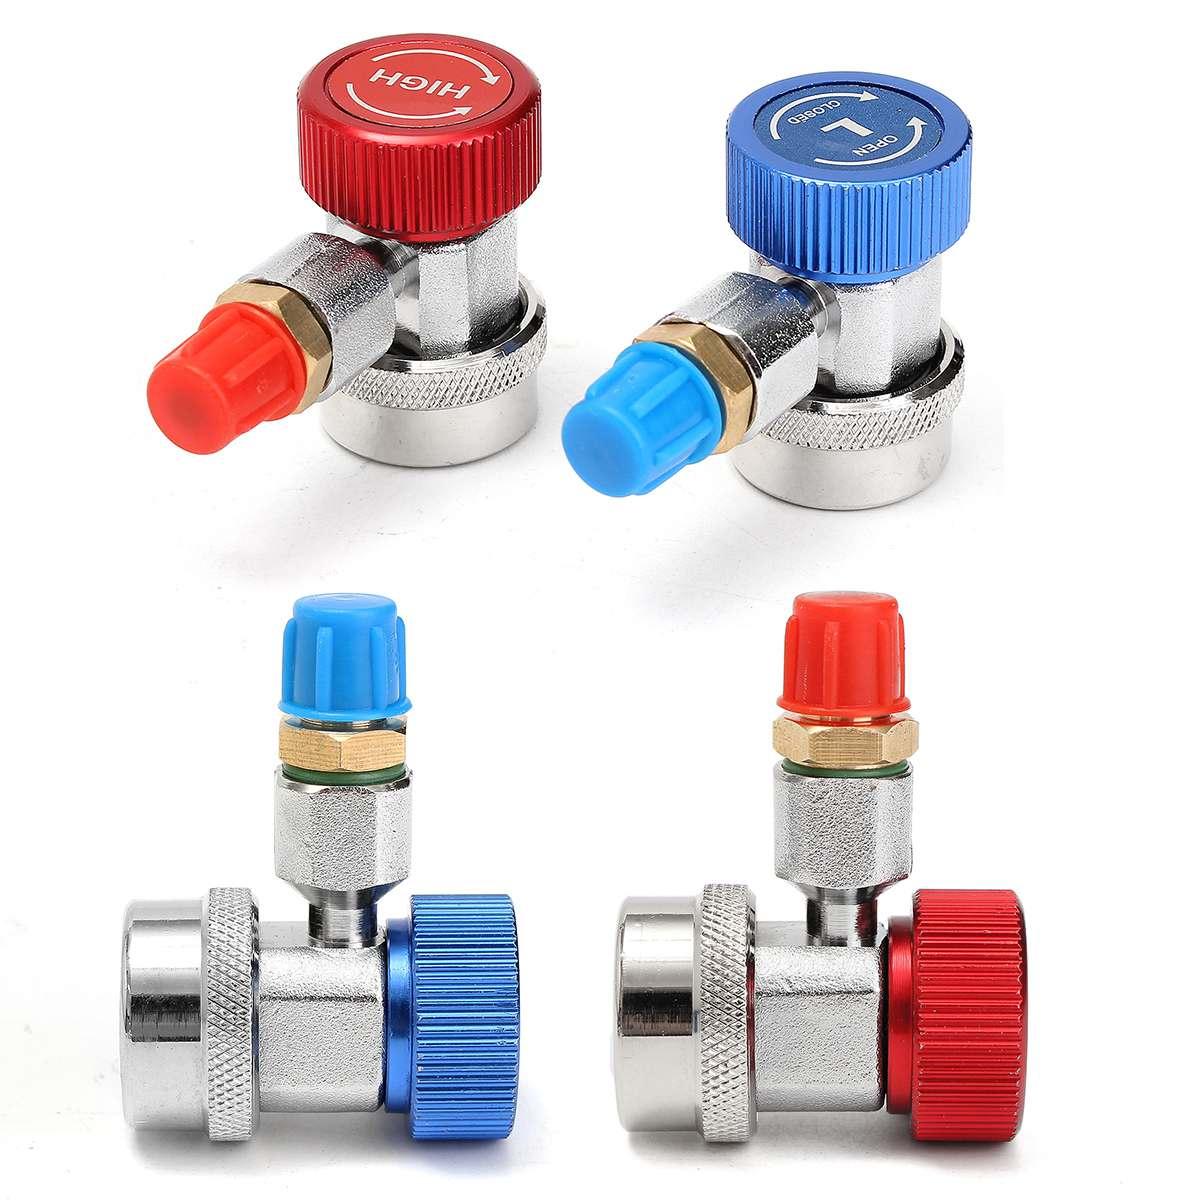 Adaptador de conector de acoplamiento rápido R134A Alto y Bajo tipo AC, colector de calibre automático para adaptador de latón de calibre de colector A/C